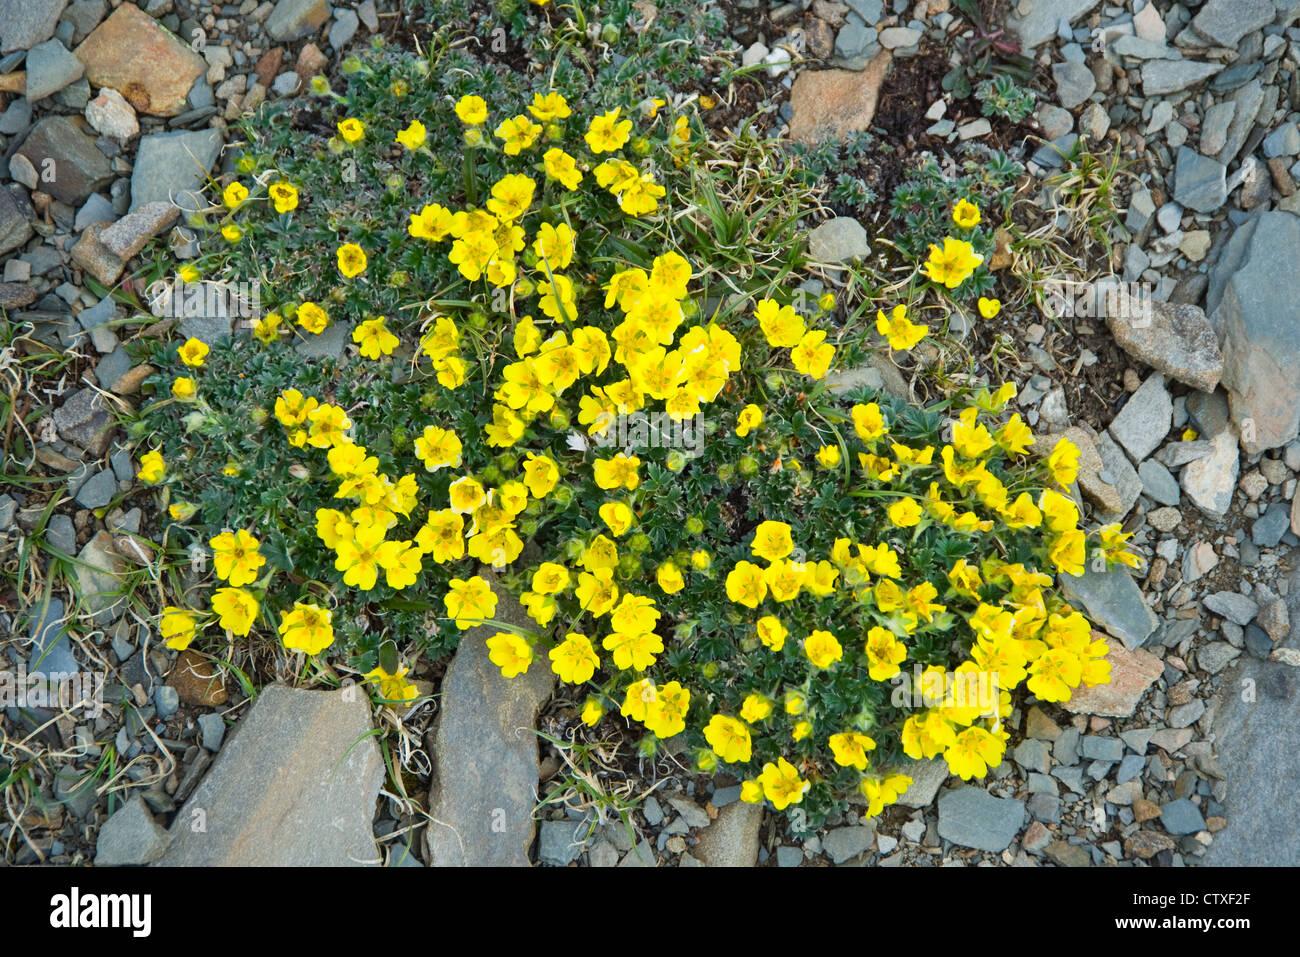 Fiori Gialli In Montagna.Fiori Gialli In Alta Montagna Elevata Del Parco Nazionale Di